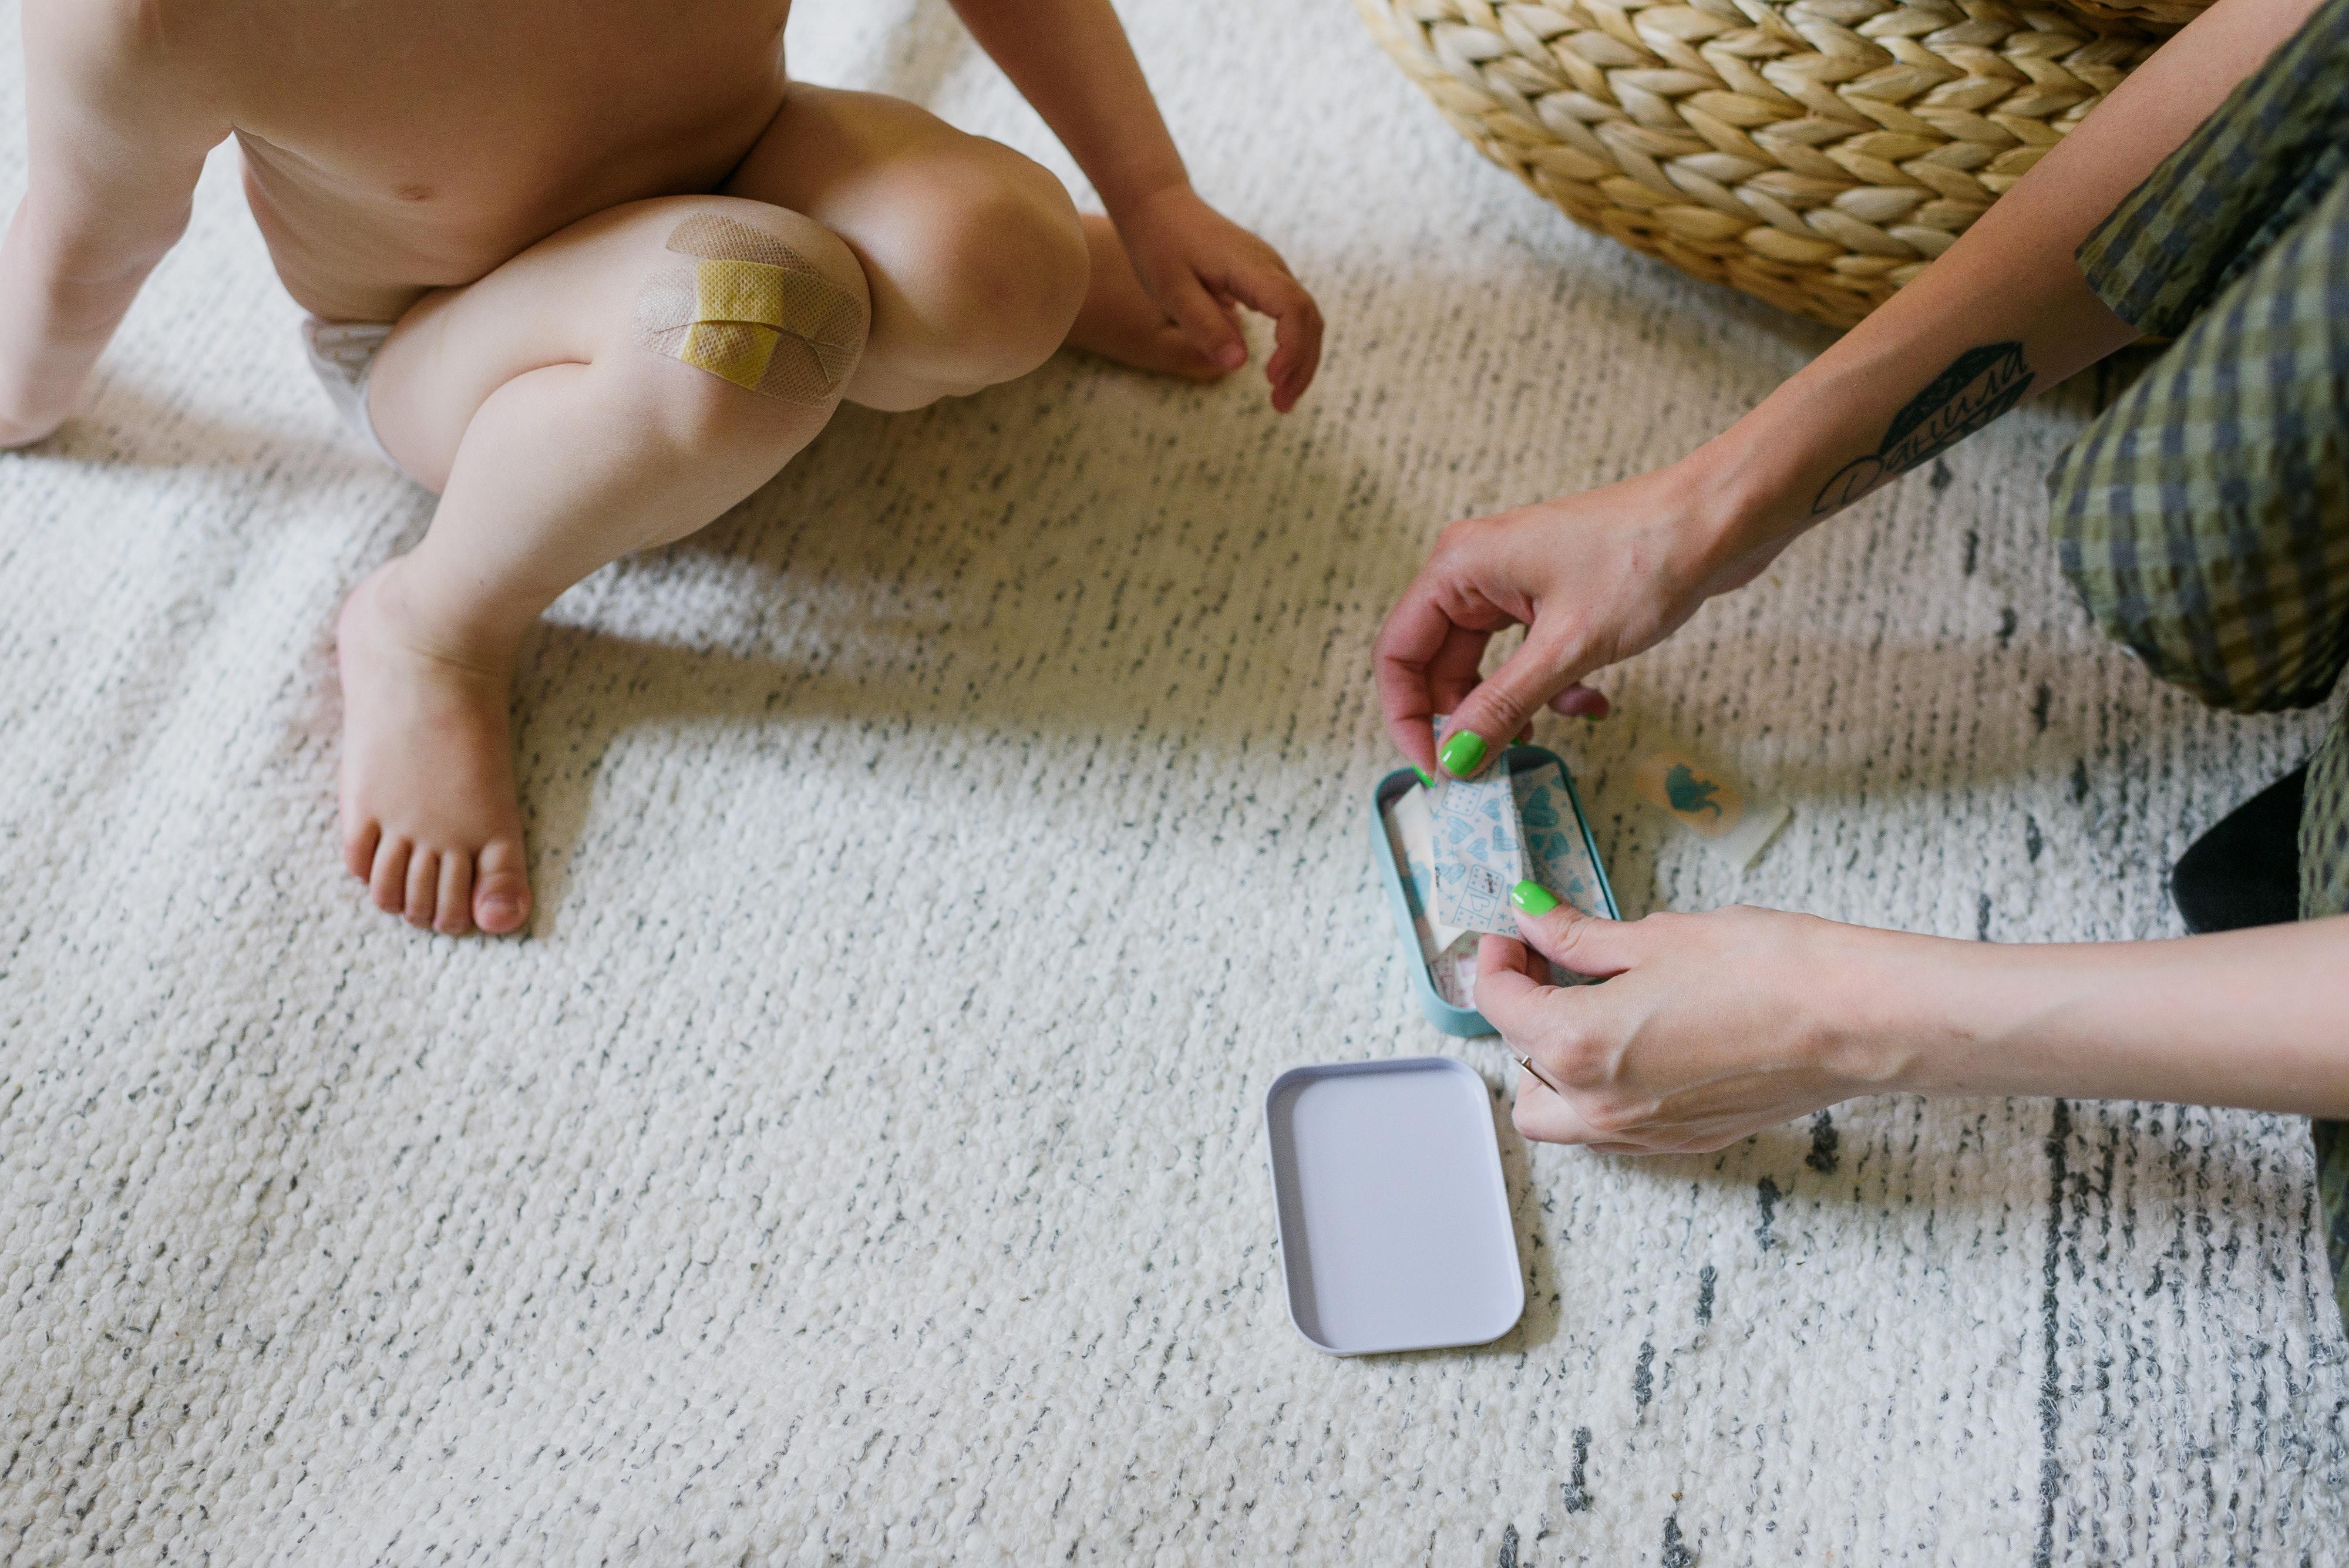 gestes qui sauvent les bébés et les enfants